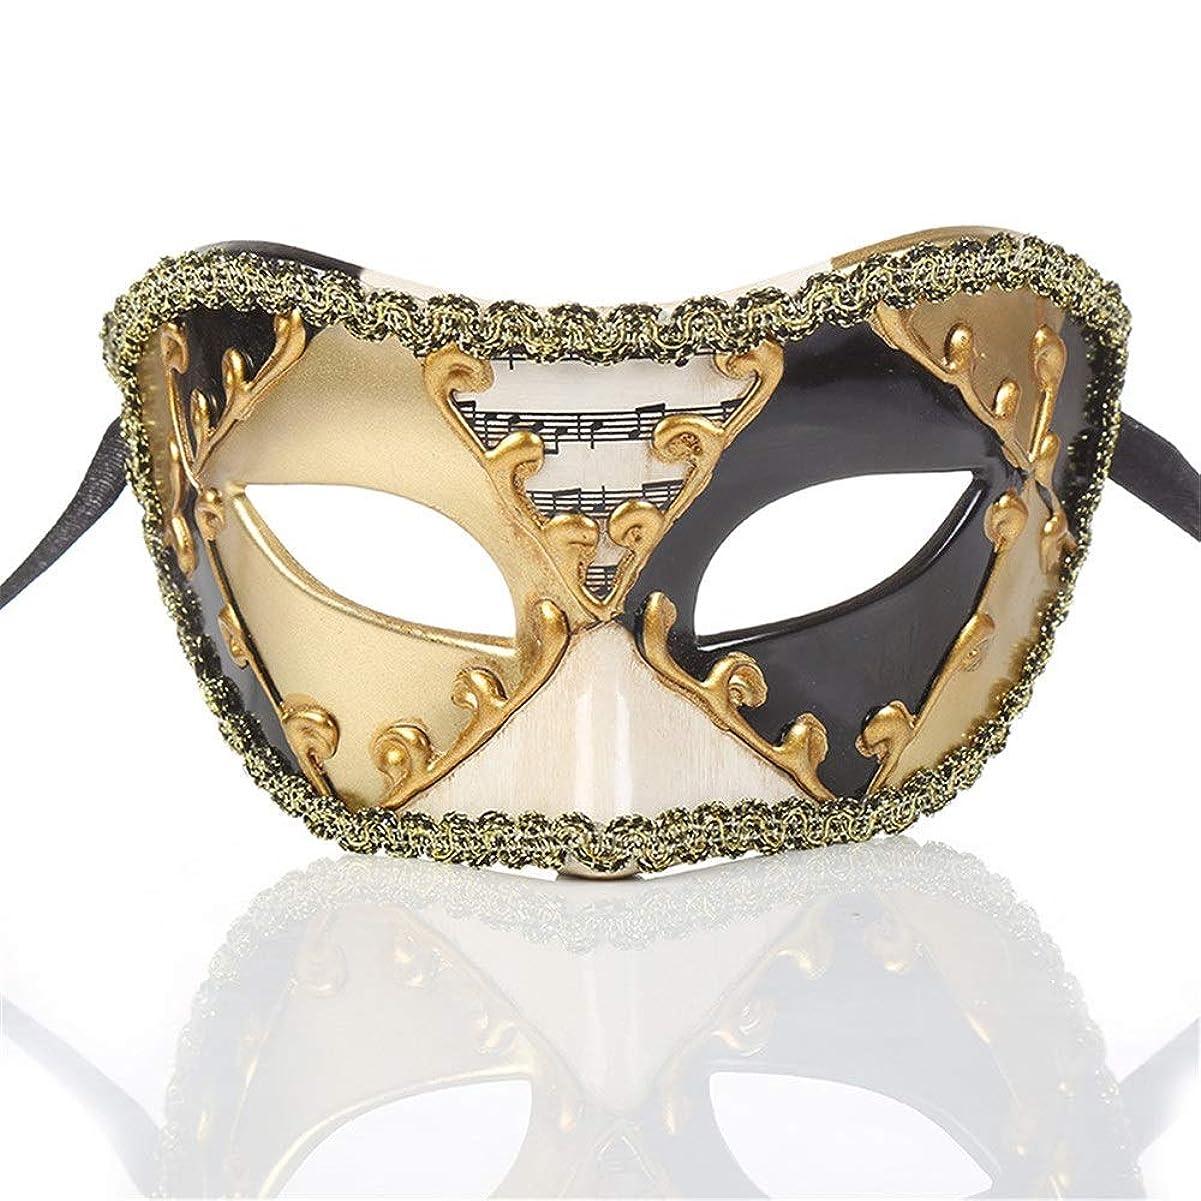 対称姿勢忘れられないダンスマスク ヴィンテージクラシックハーフフェイスクラウンミュージカルノート装飾マスクフェスティバルロールプレイングプラスチックマスク ホリデーパーティー用品 (色 : ブラック, サイズ : 16.5x8cm)